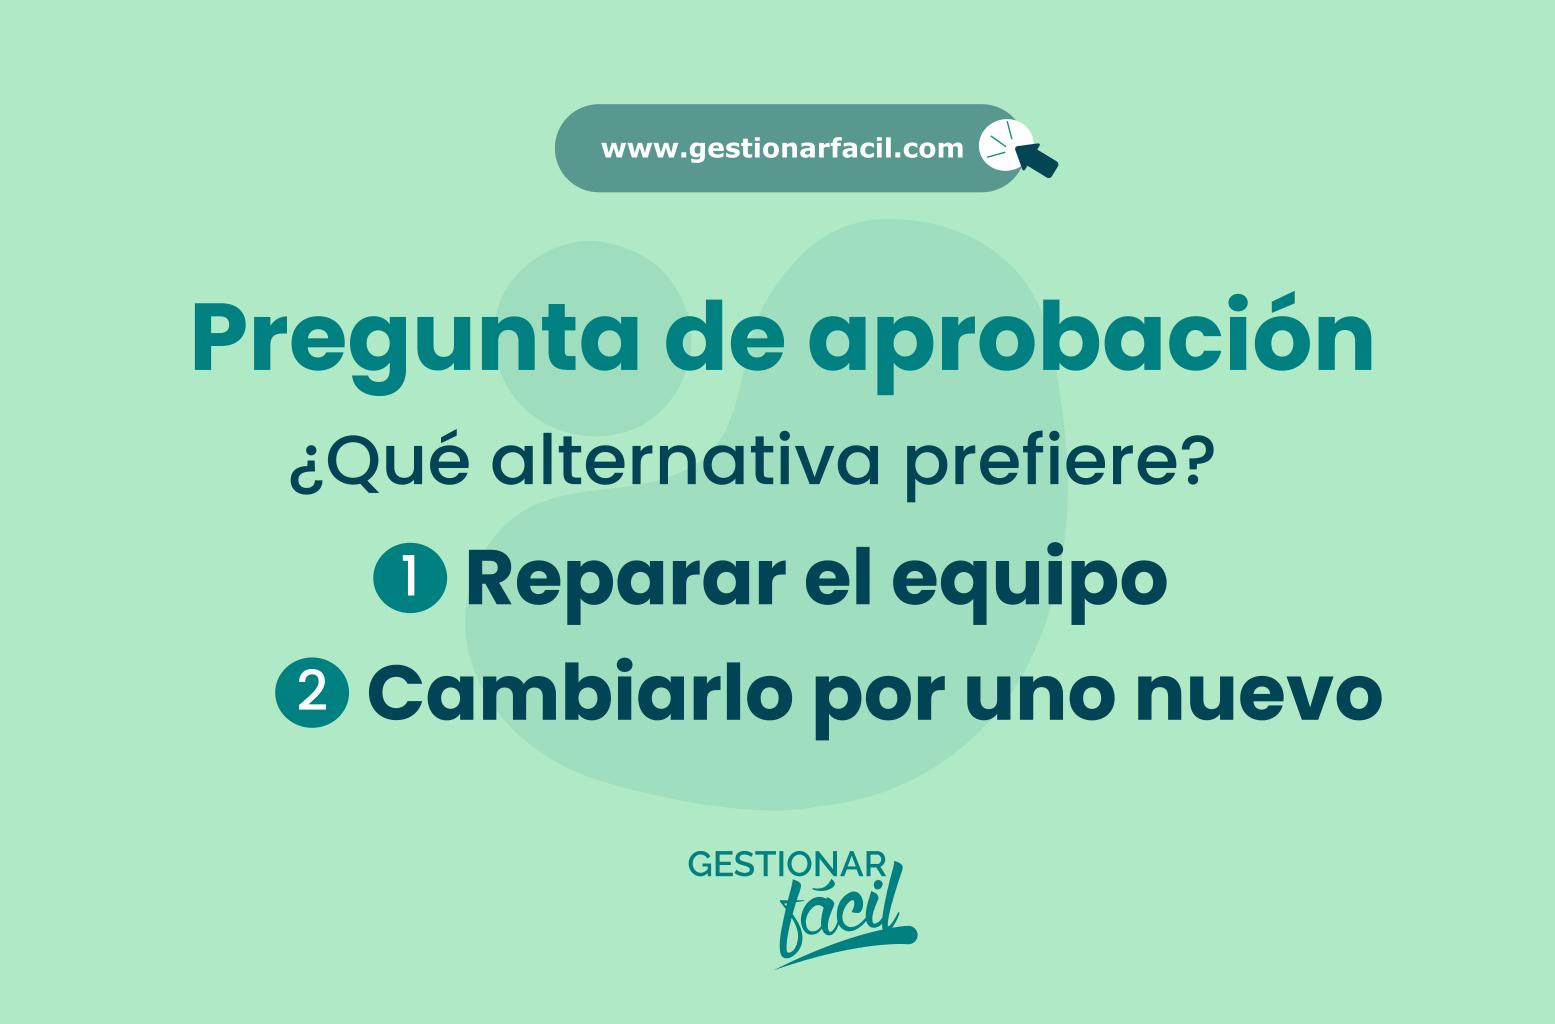 Pregunta de aprobación: ¿Qué alternativa prefiere: (1) reparar el equipo; (2) cambiarlo por uno nuevo?